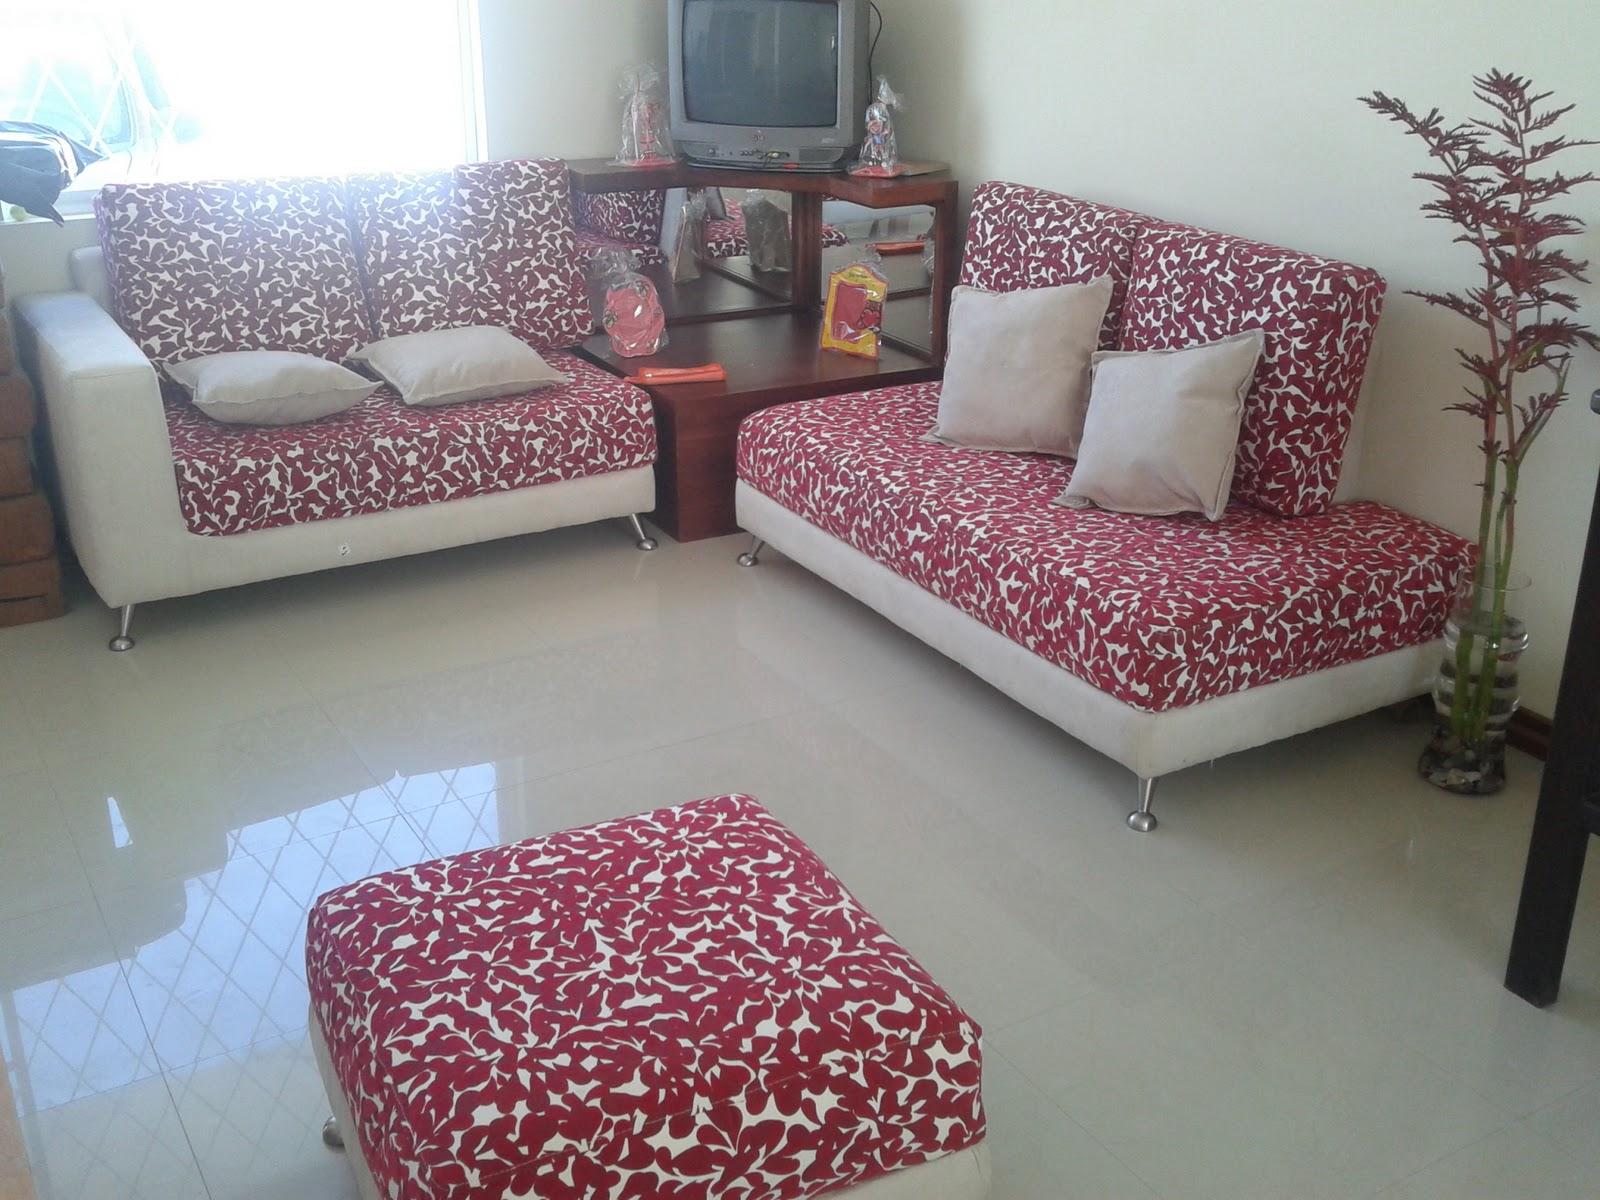 Muebles y decoraci n salas para departamentos - Muebles el pozo ...